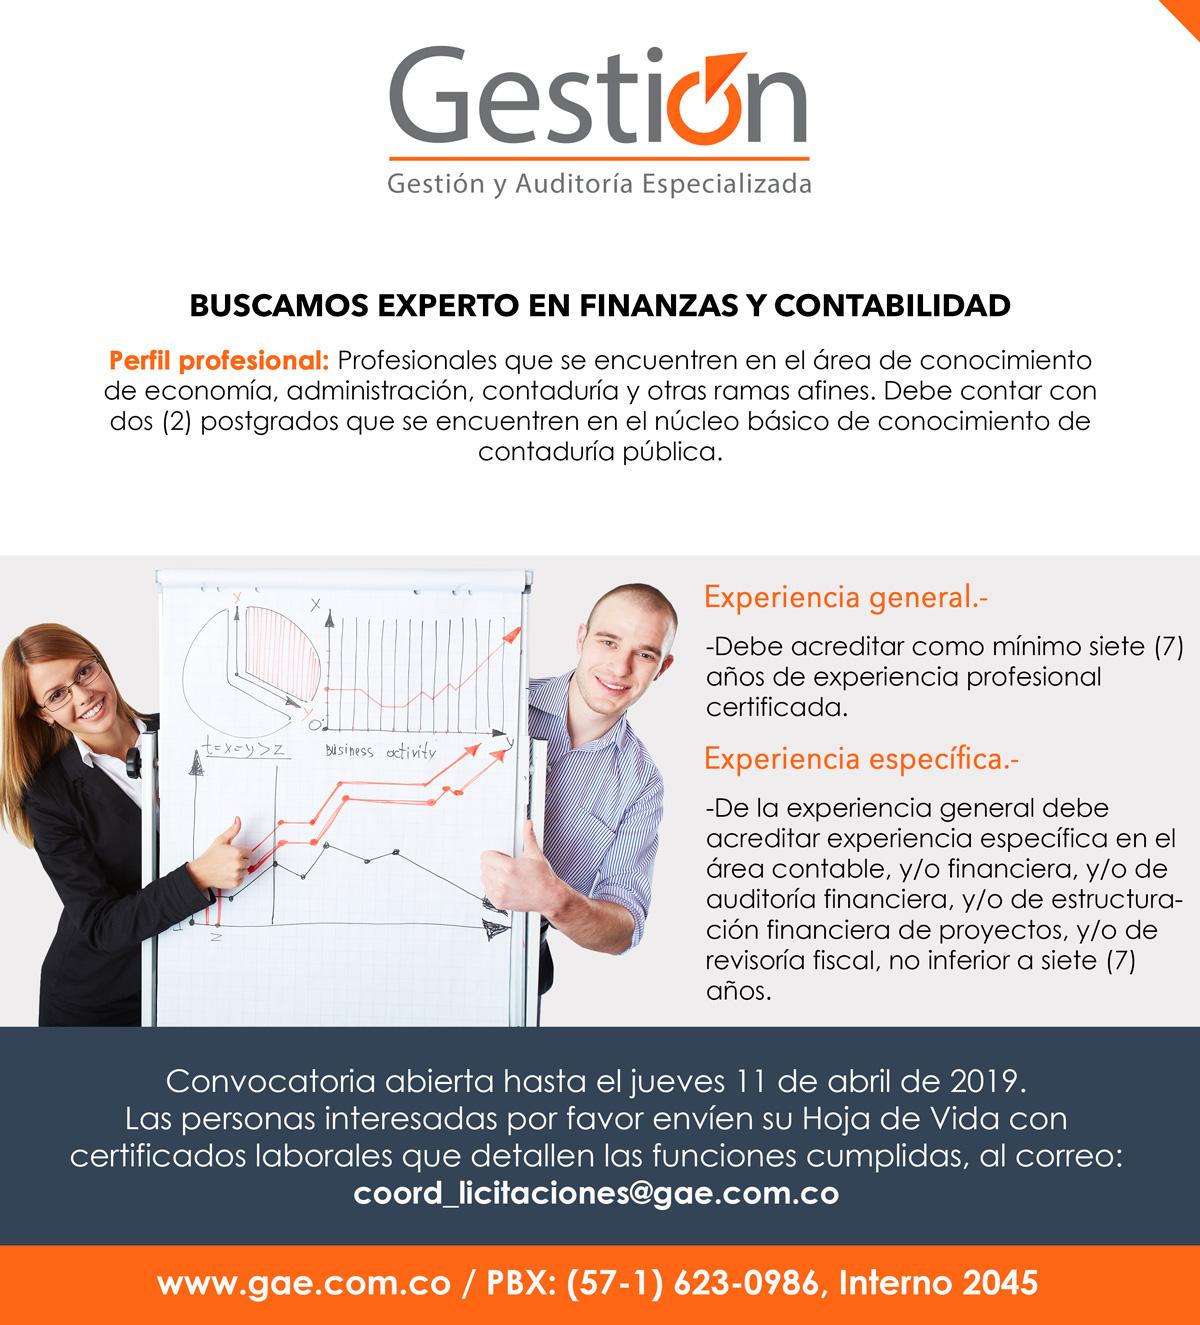 Gestión y Auditoría Especializada - Experto en finanzas y contabilidad